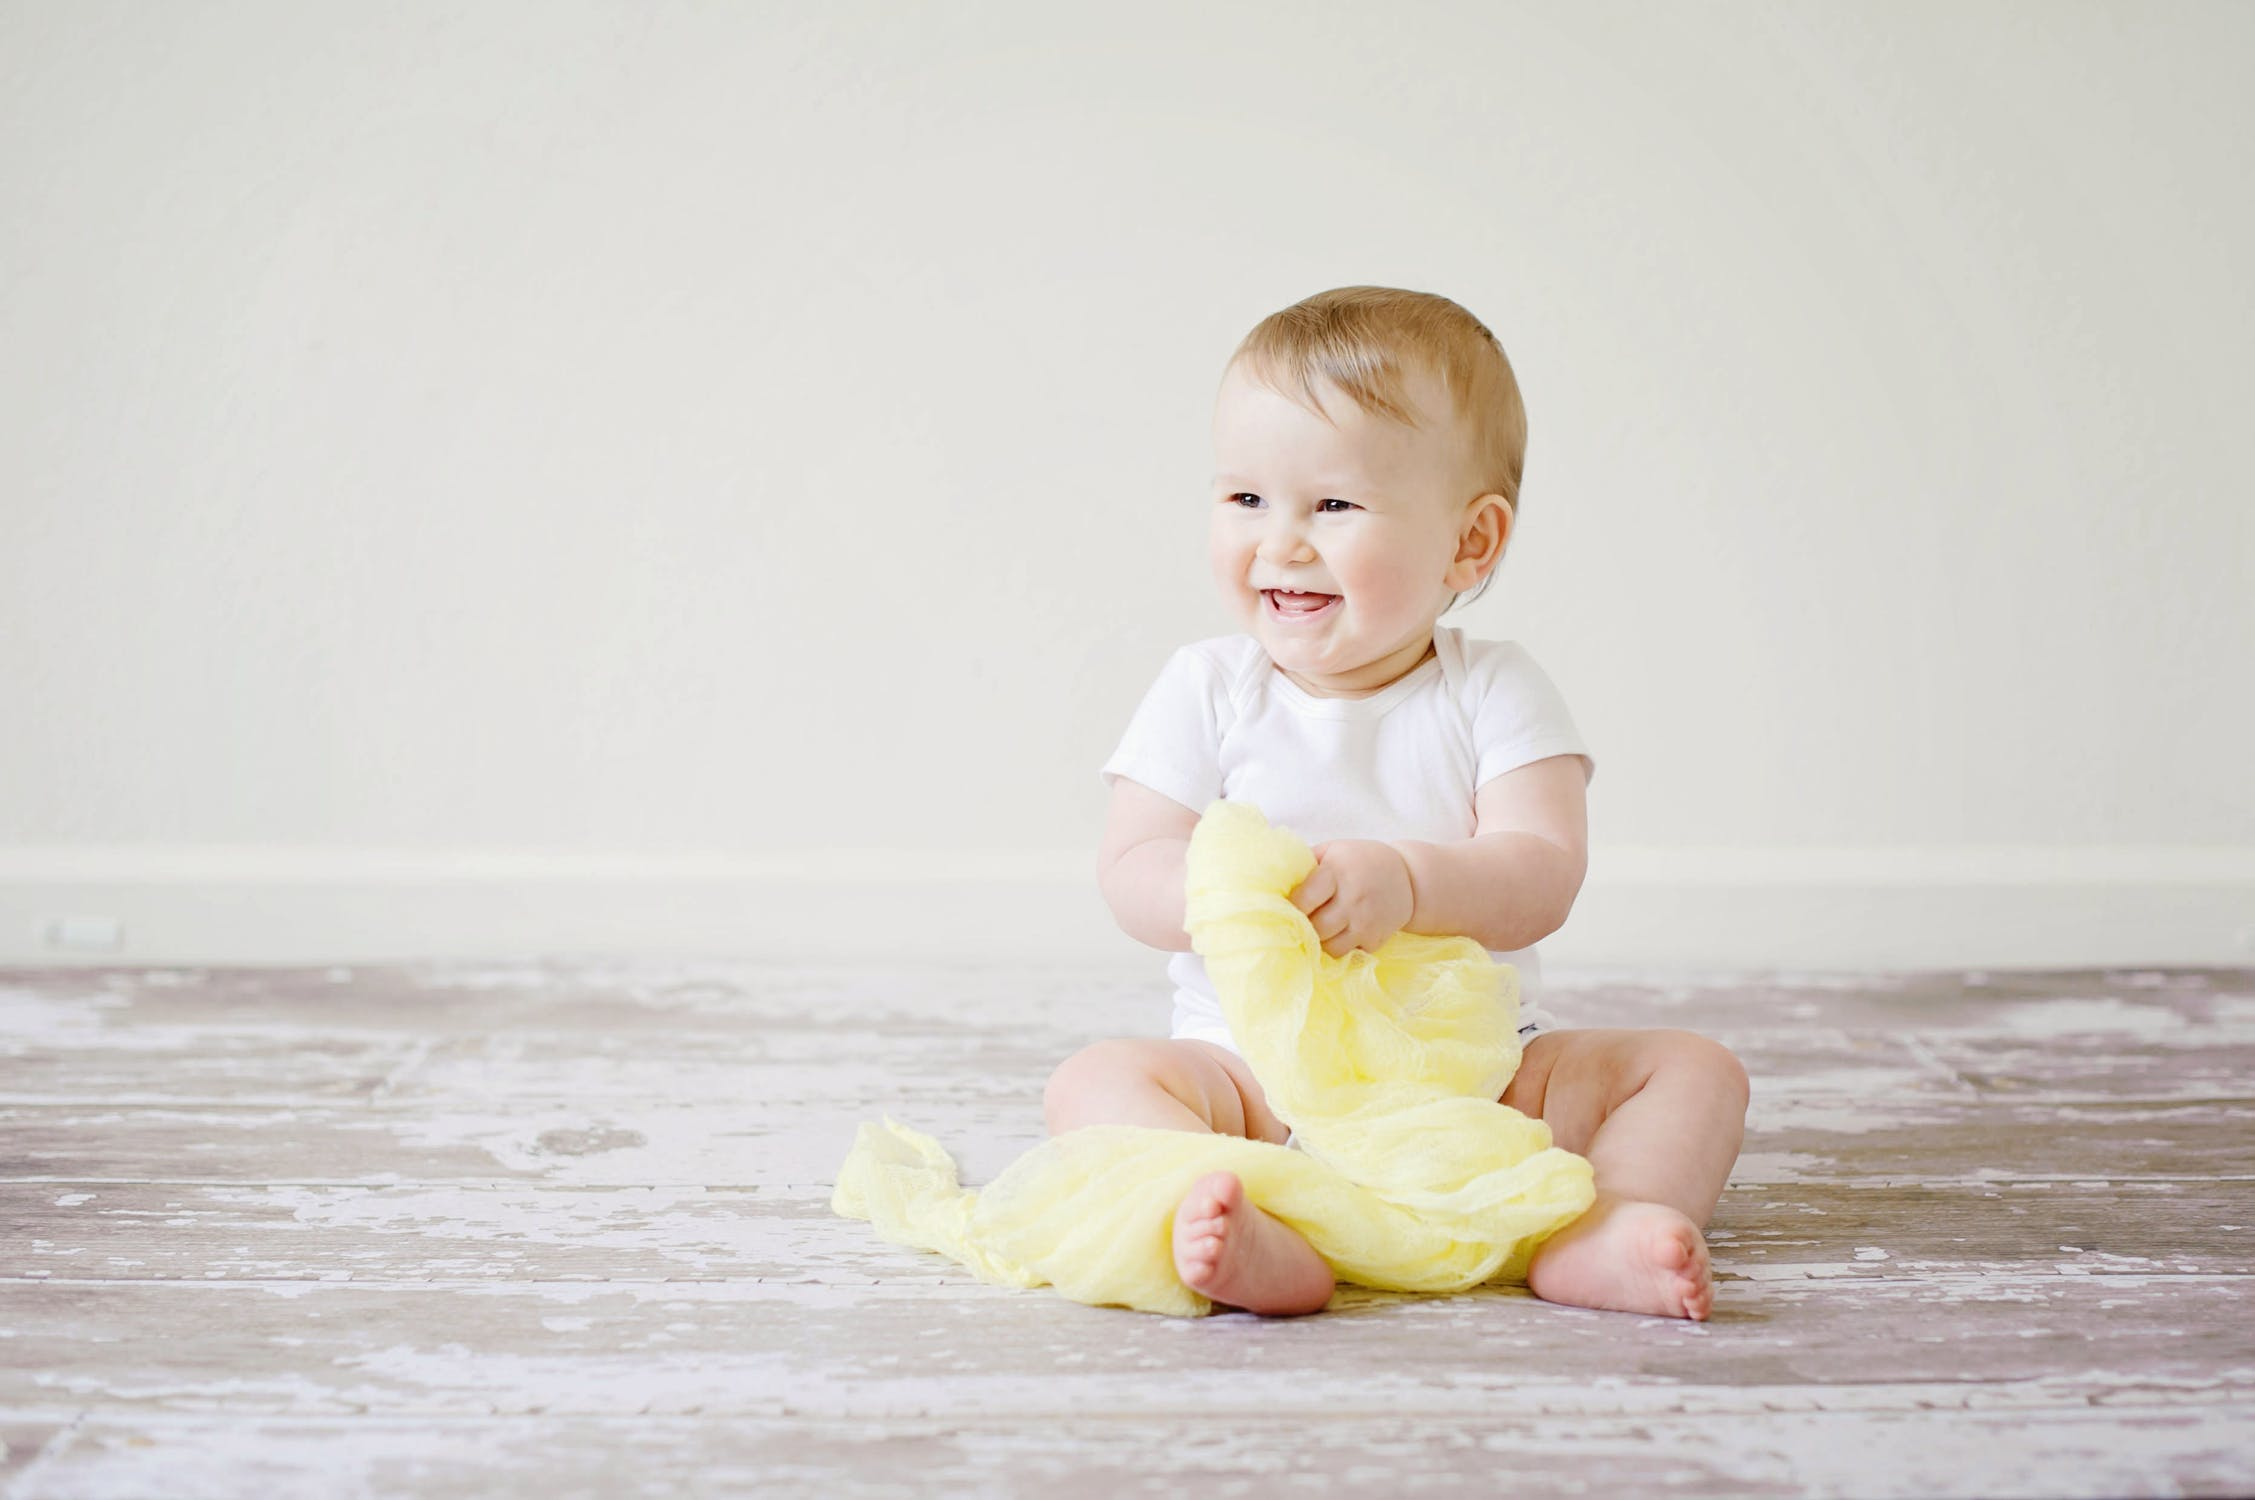 Pequeñitos Baby Shop quienes somos, Pequeñitos Baby Shop Nuestra visión